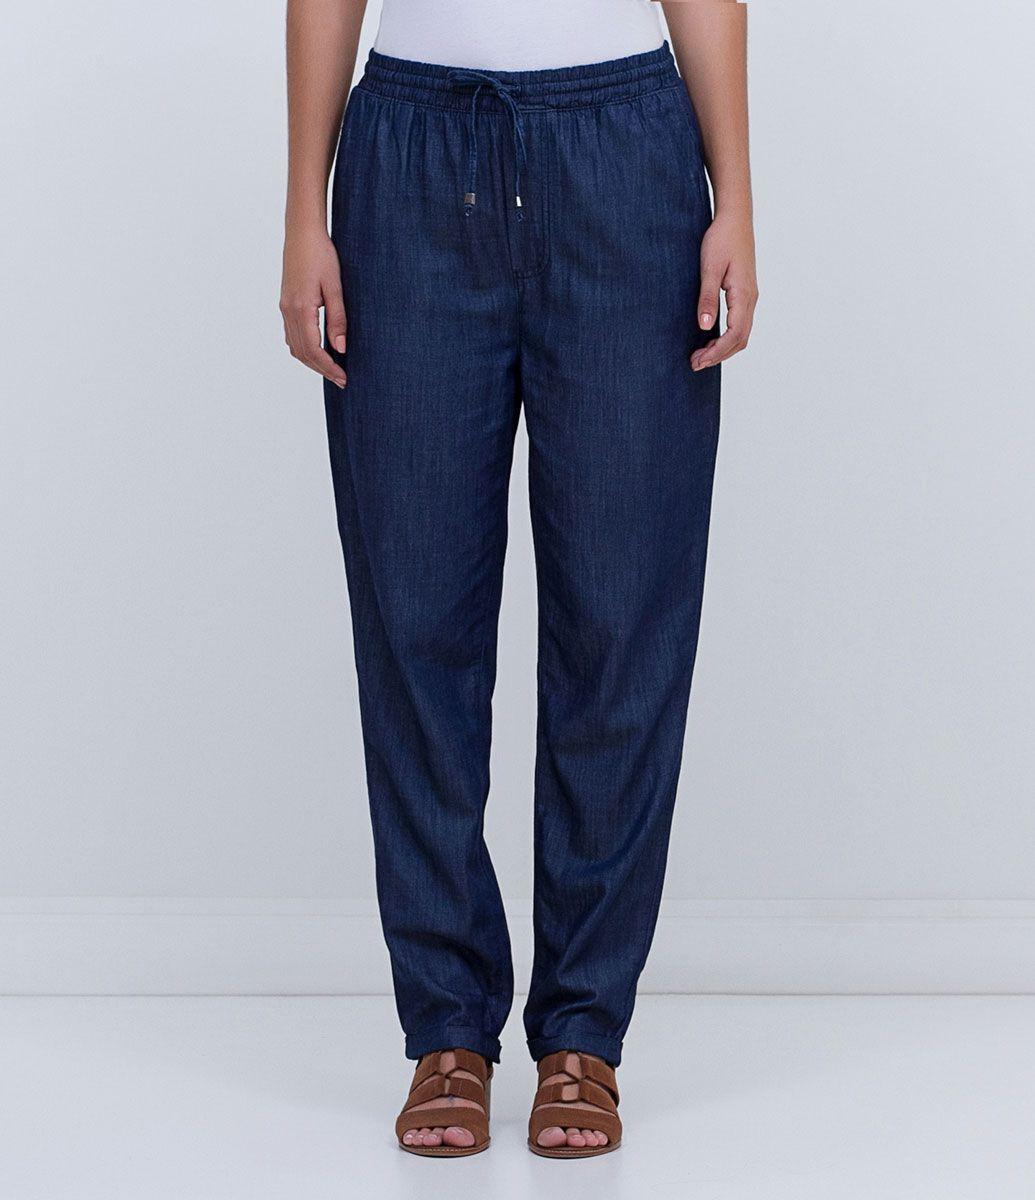 b5170190e Calça feminina Pijama Com amarração Marca  Marfinno Tecido  jeans  Composição  67% viscose